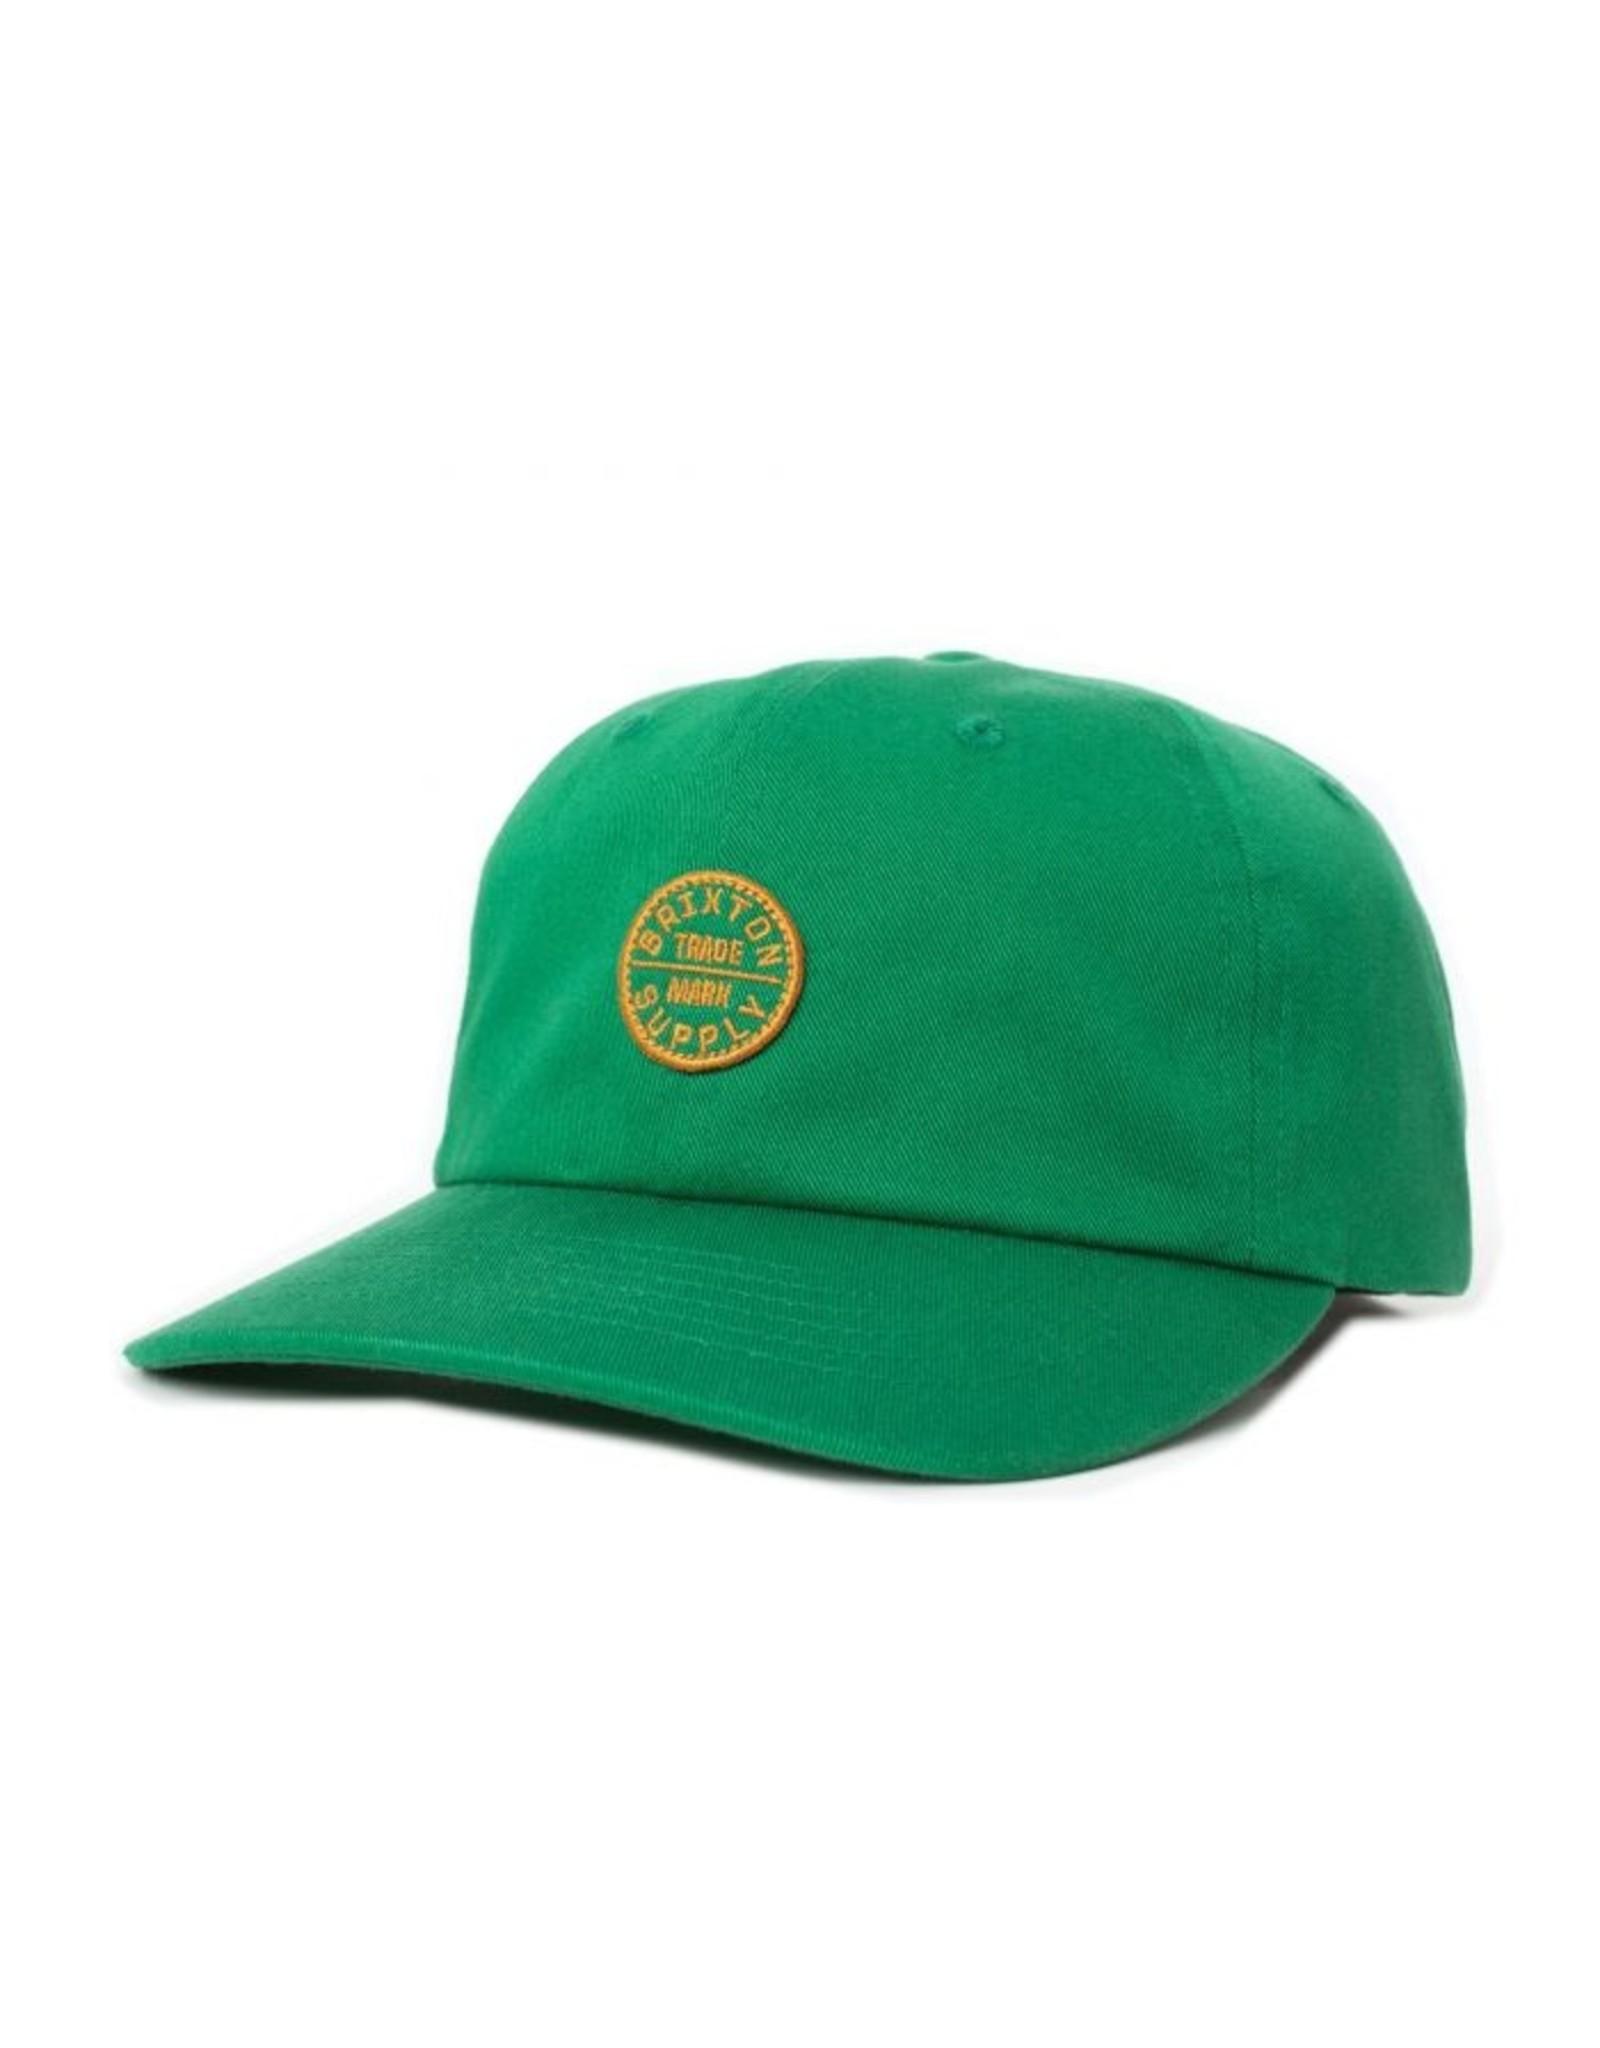 BRIXTON BRIXTON - OATH LP CAP - FERN -